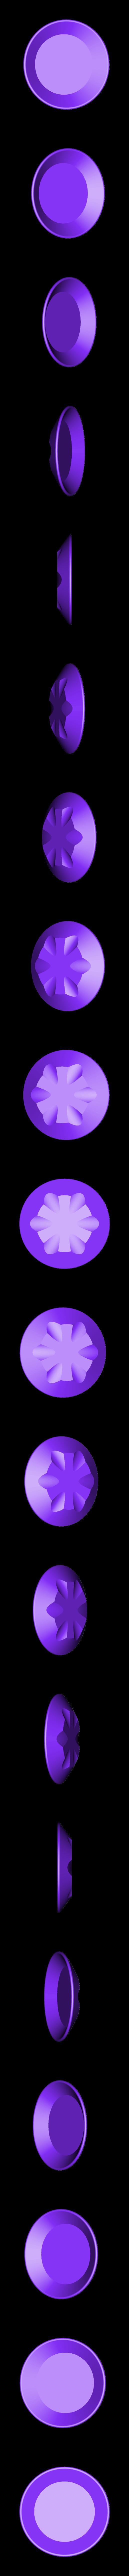 6-branches_saucer.stl Télécharger fichier STL gratuit Pot de fleur à suspendre en forme de goutte • Modèle à imprimer en 3D, r0nflex